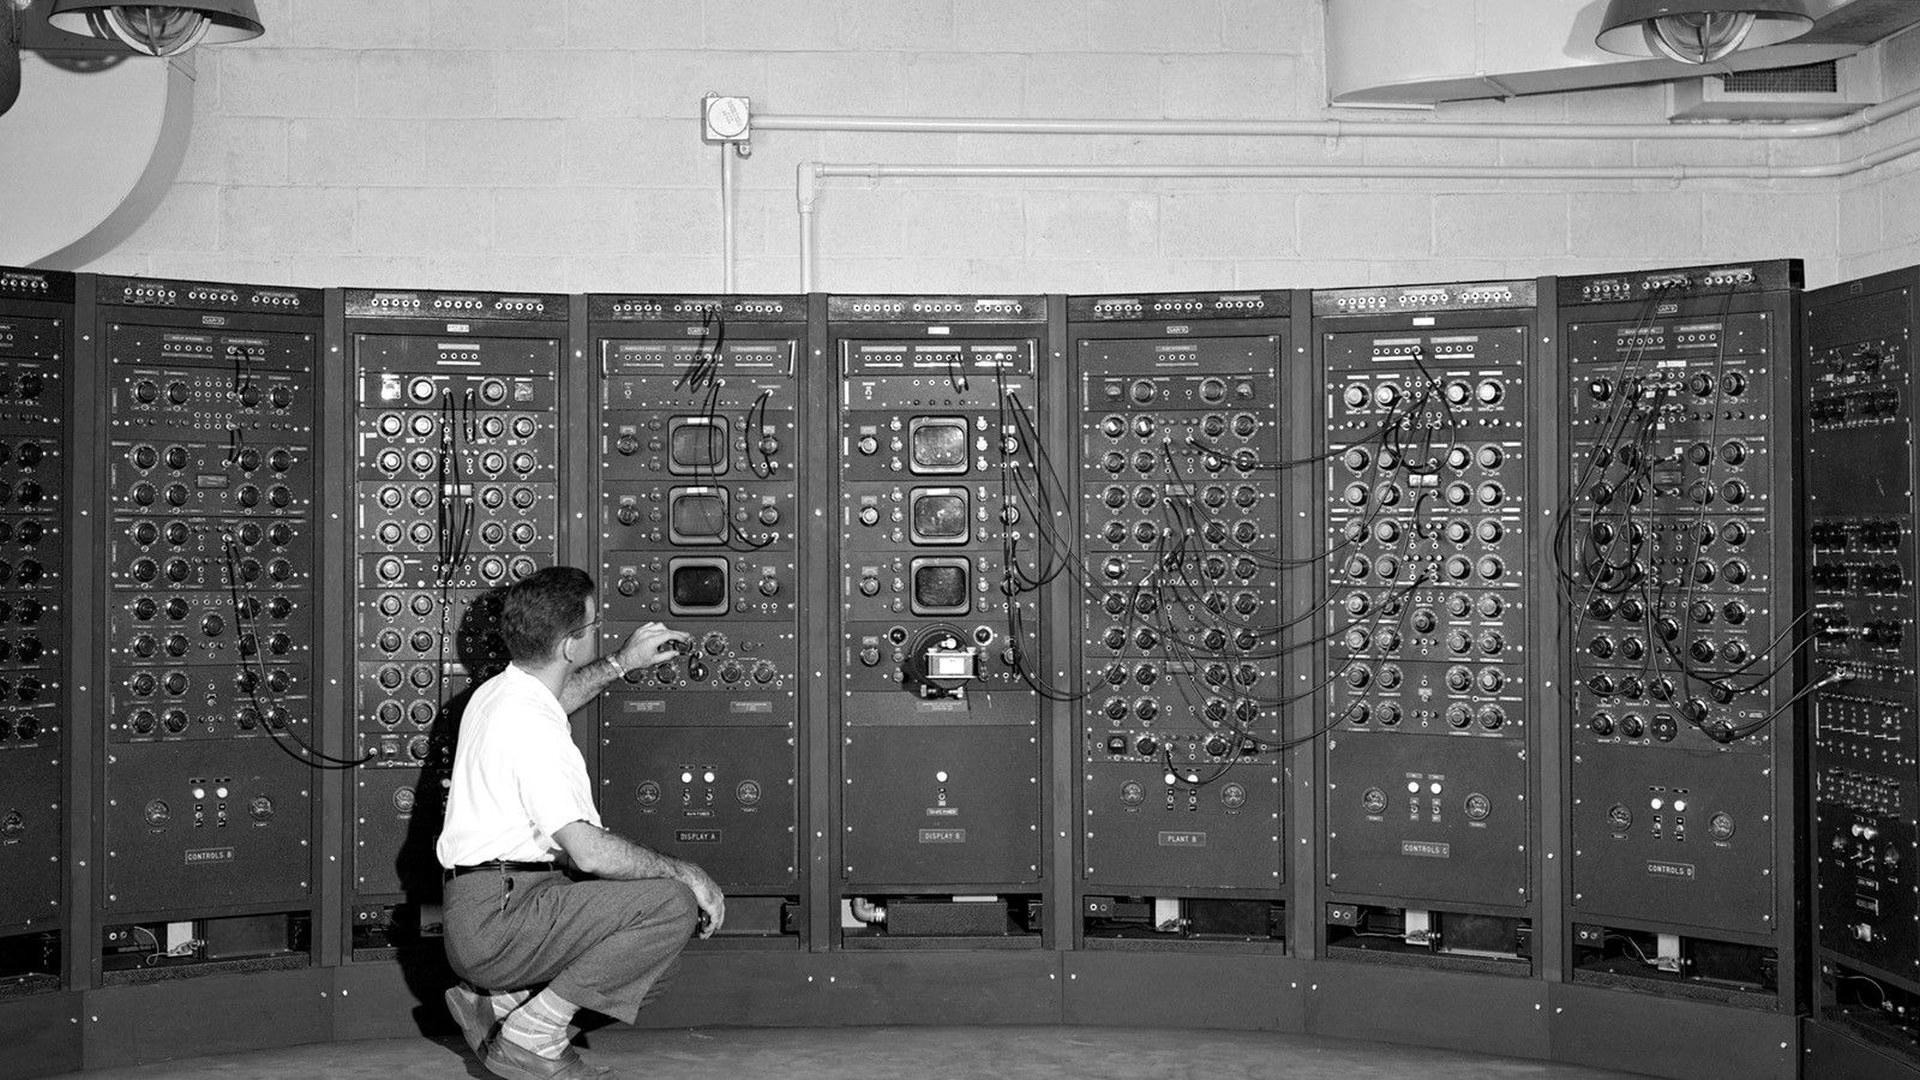 computadora-vieja